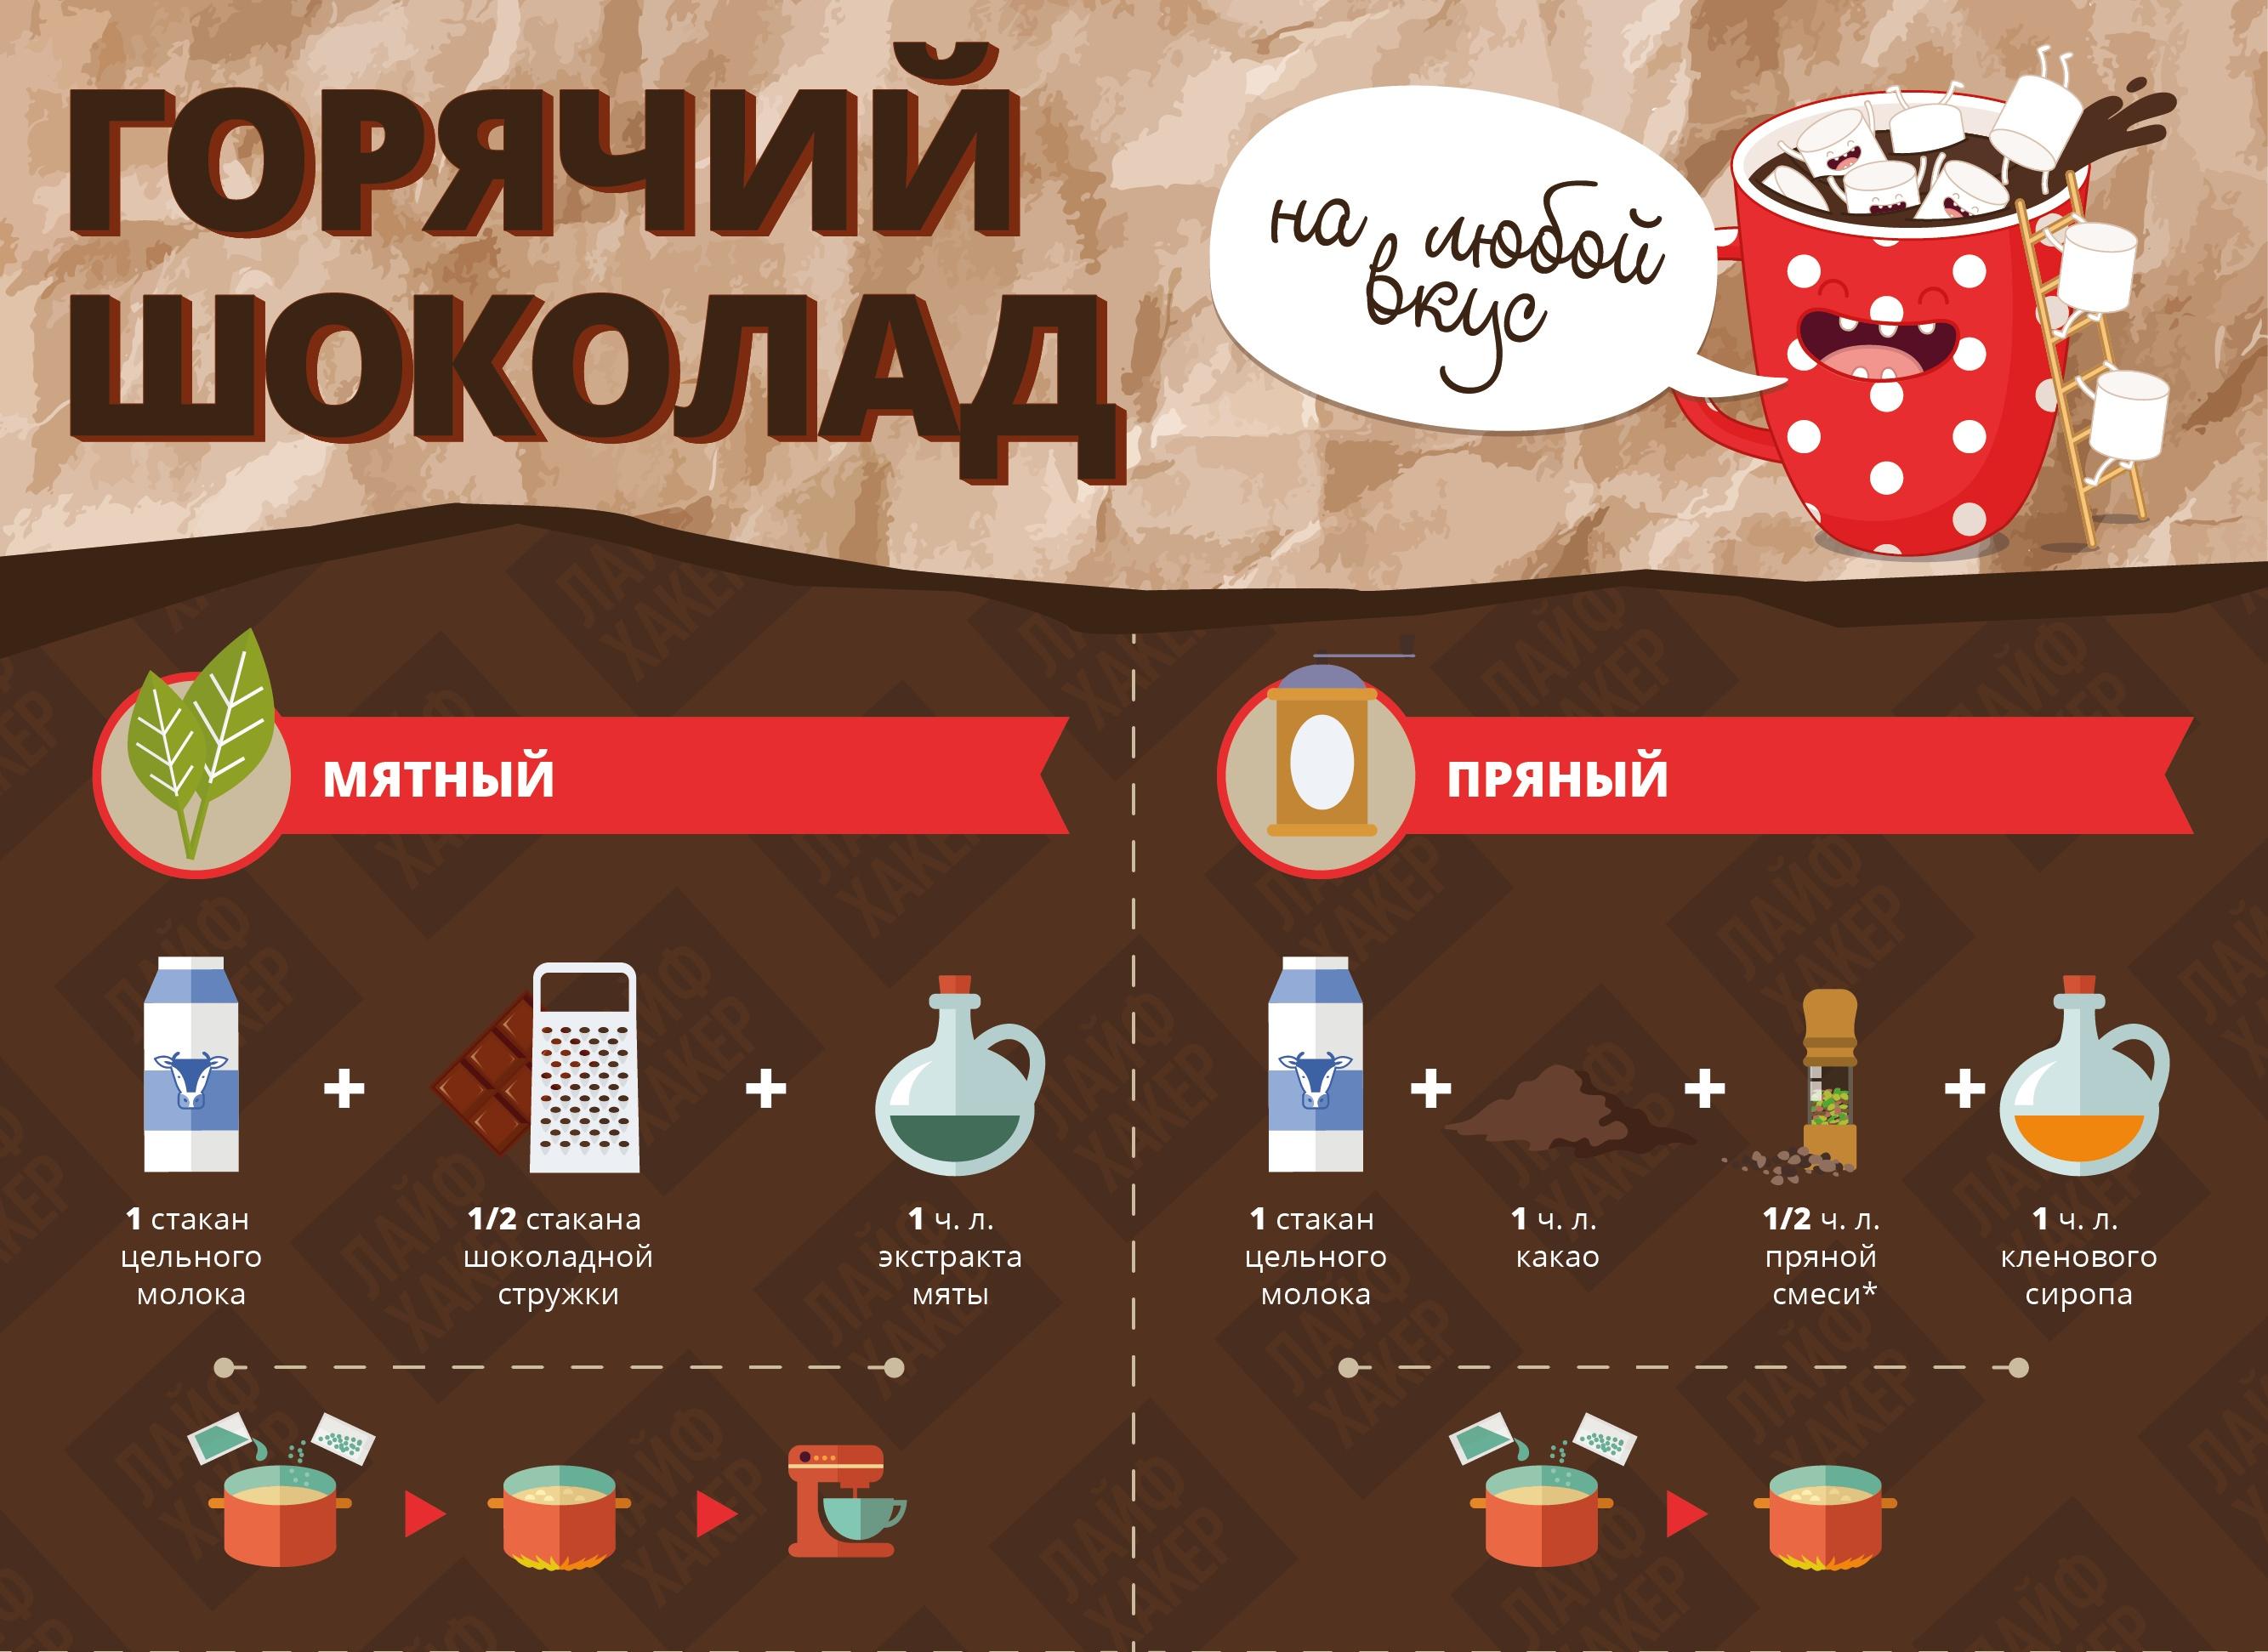 Рецепты горячего в домашних условиях